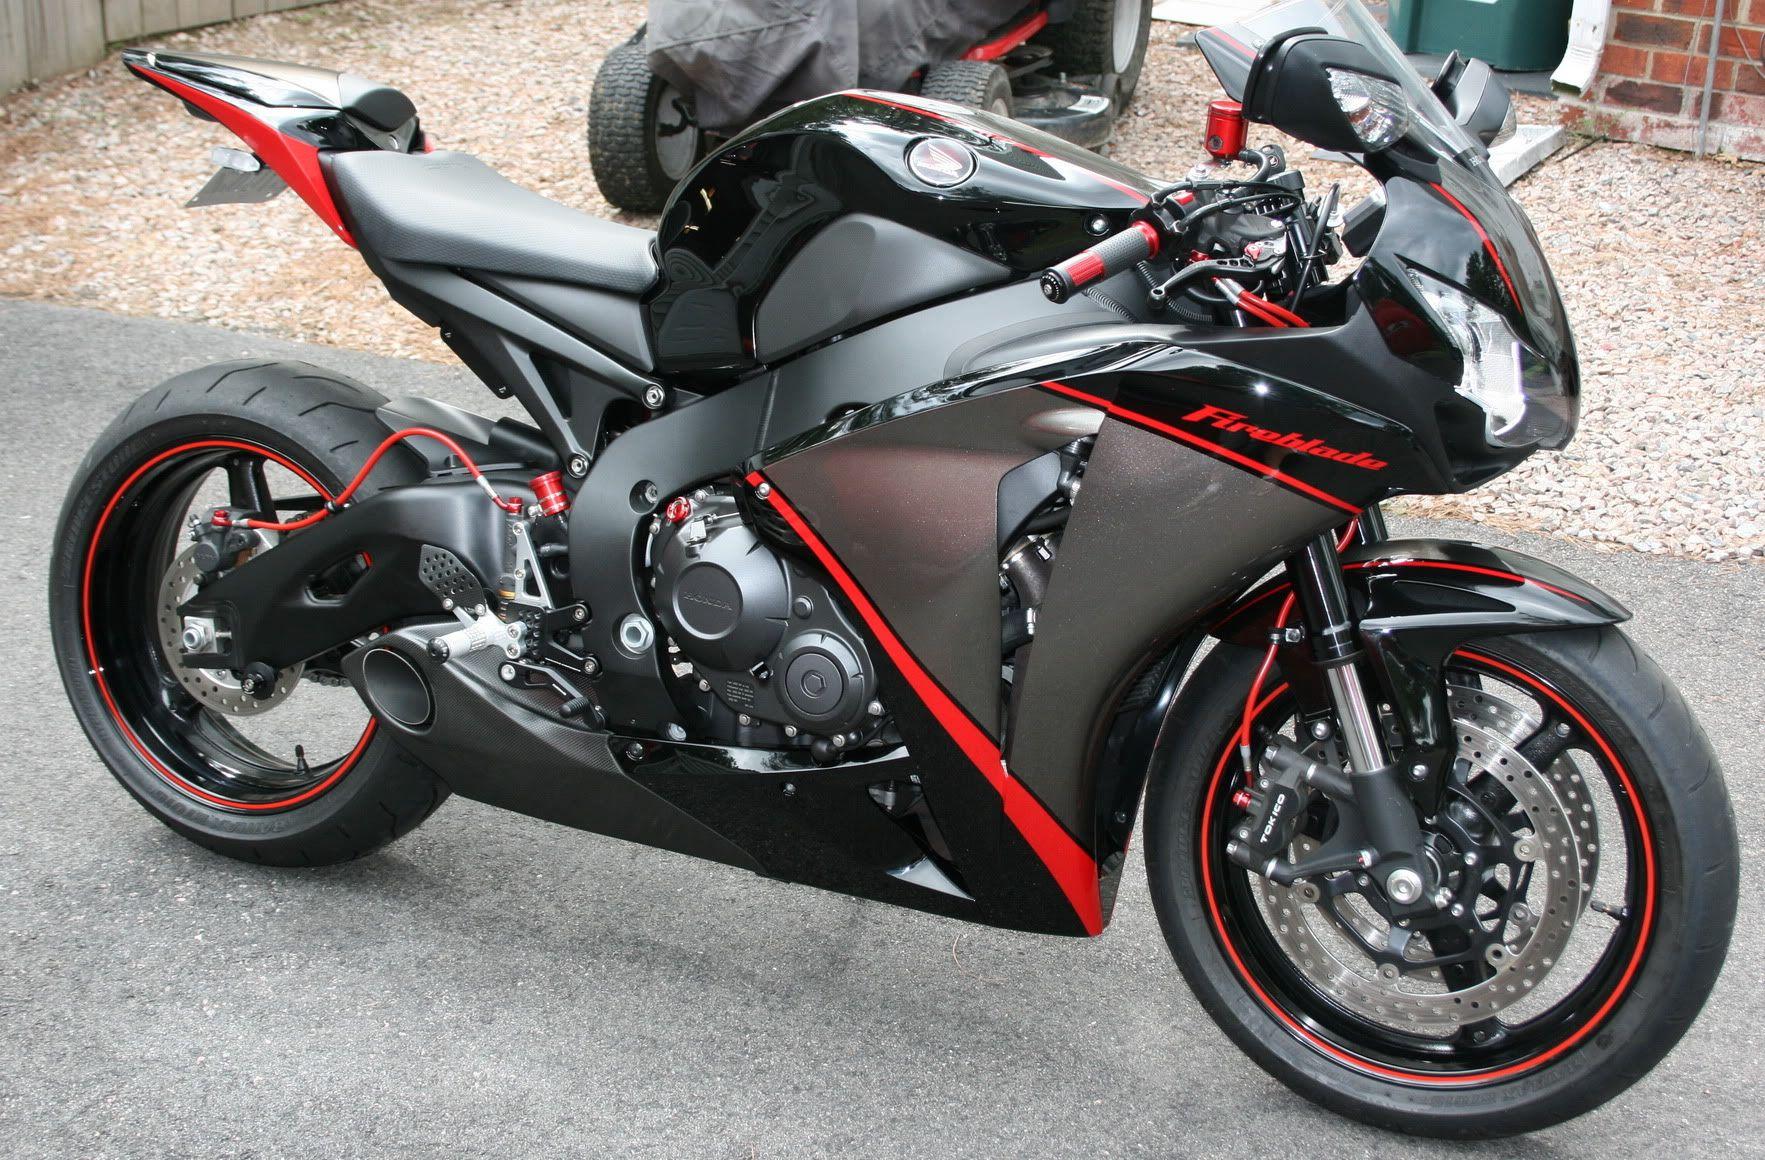 Fs custom 2008 cbr1000rr honda cbr 1000rr motorcycle for Yamaha rr 1000